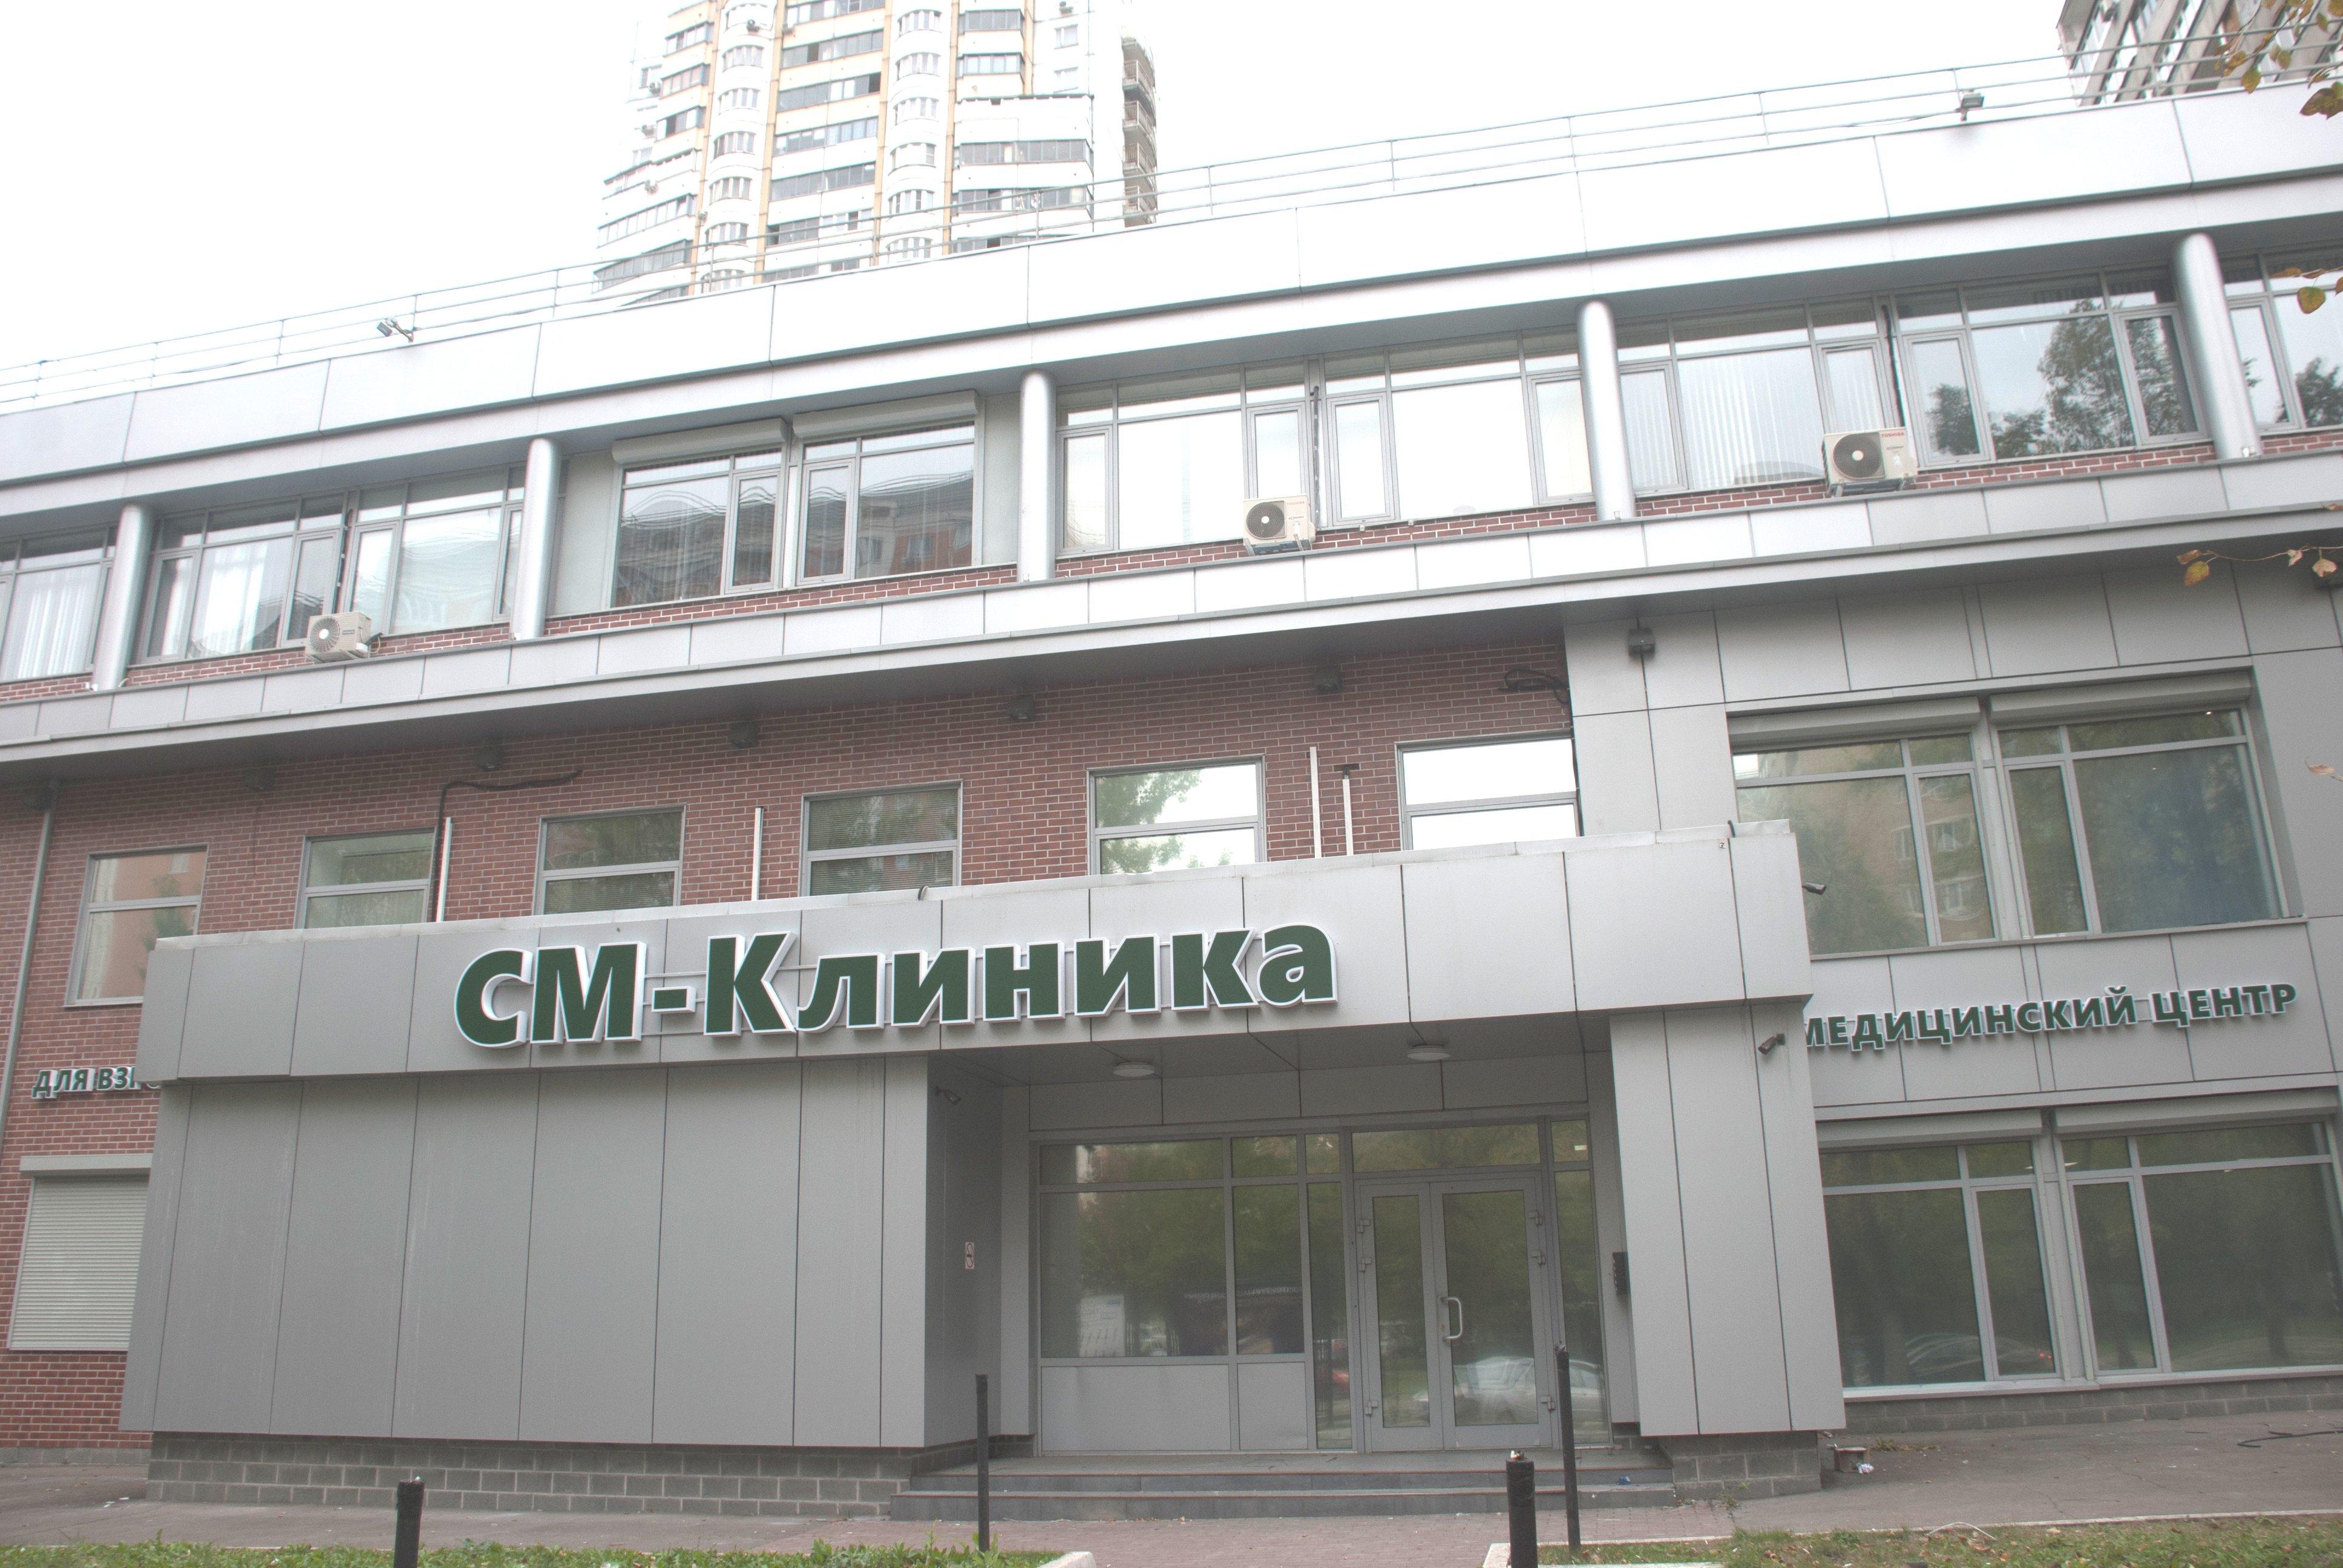 Симферопольский бульвар 10 к 1 мужской клуб пейнтбольный клуб бункер москва